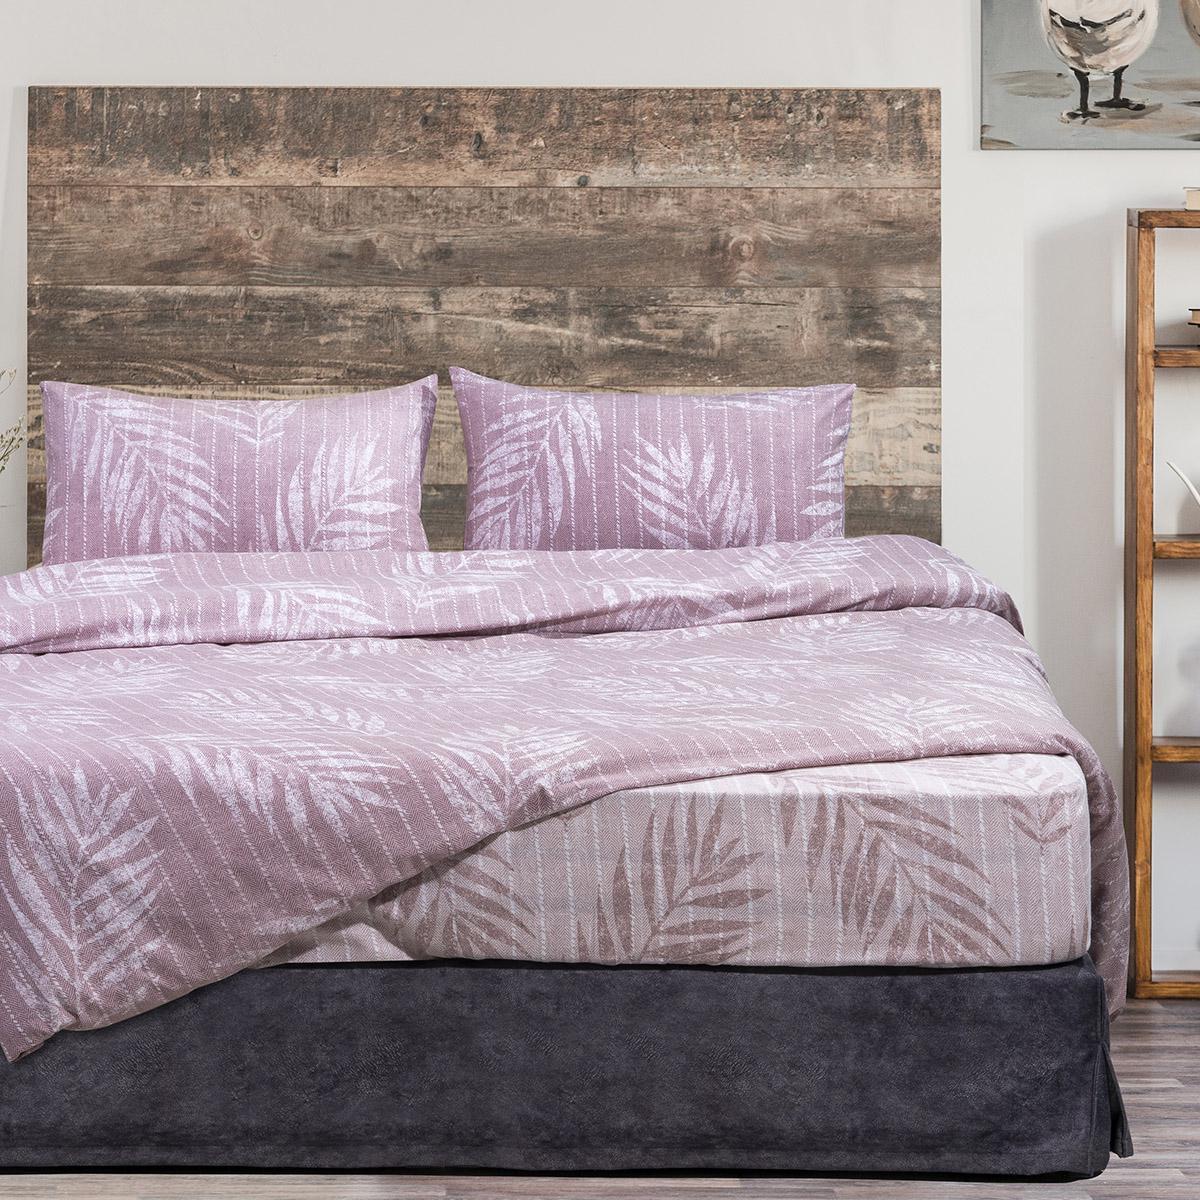 Σετ παπλωματοθήκη φανελένια υπέρδιπλη Lomond Art 11033 220×240 Εμπριμέ Beauty Home